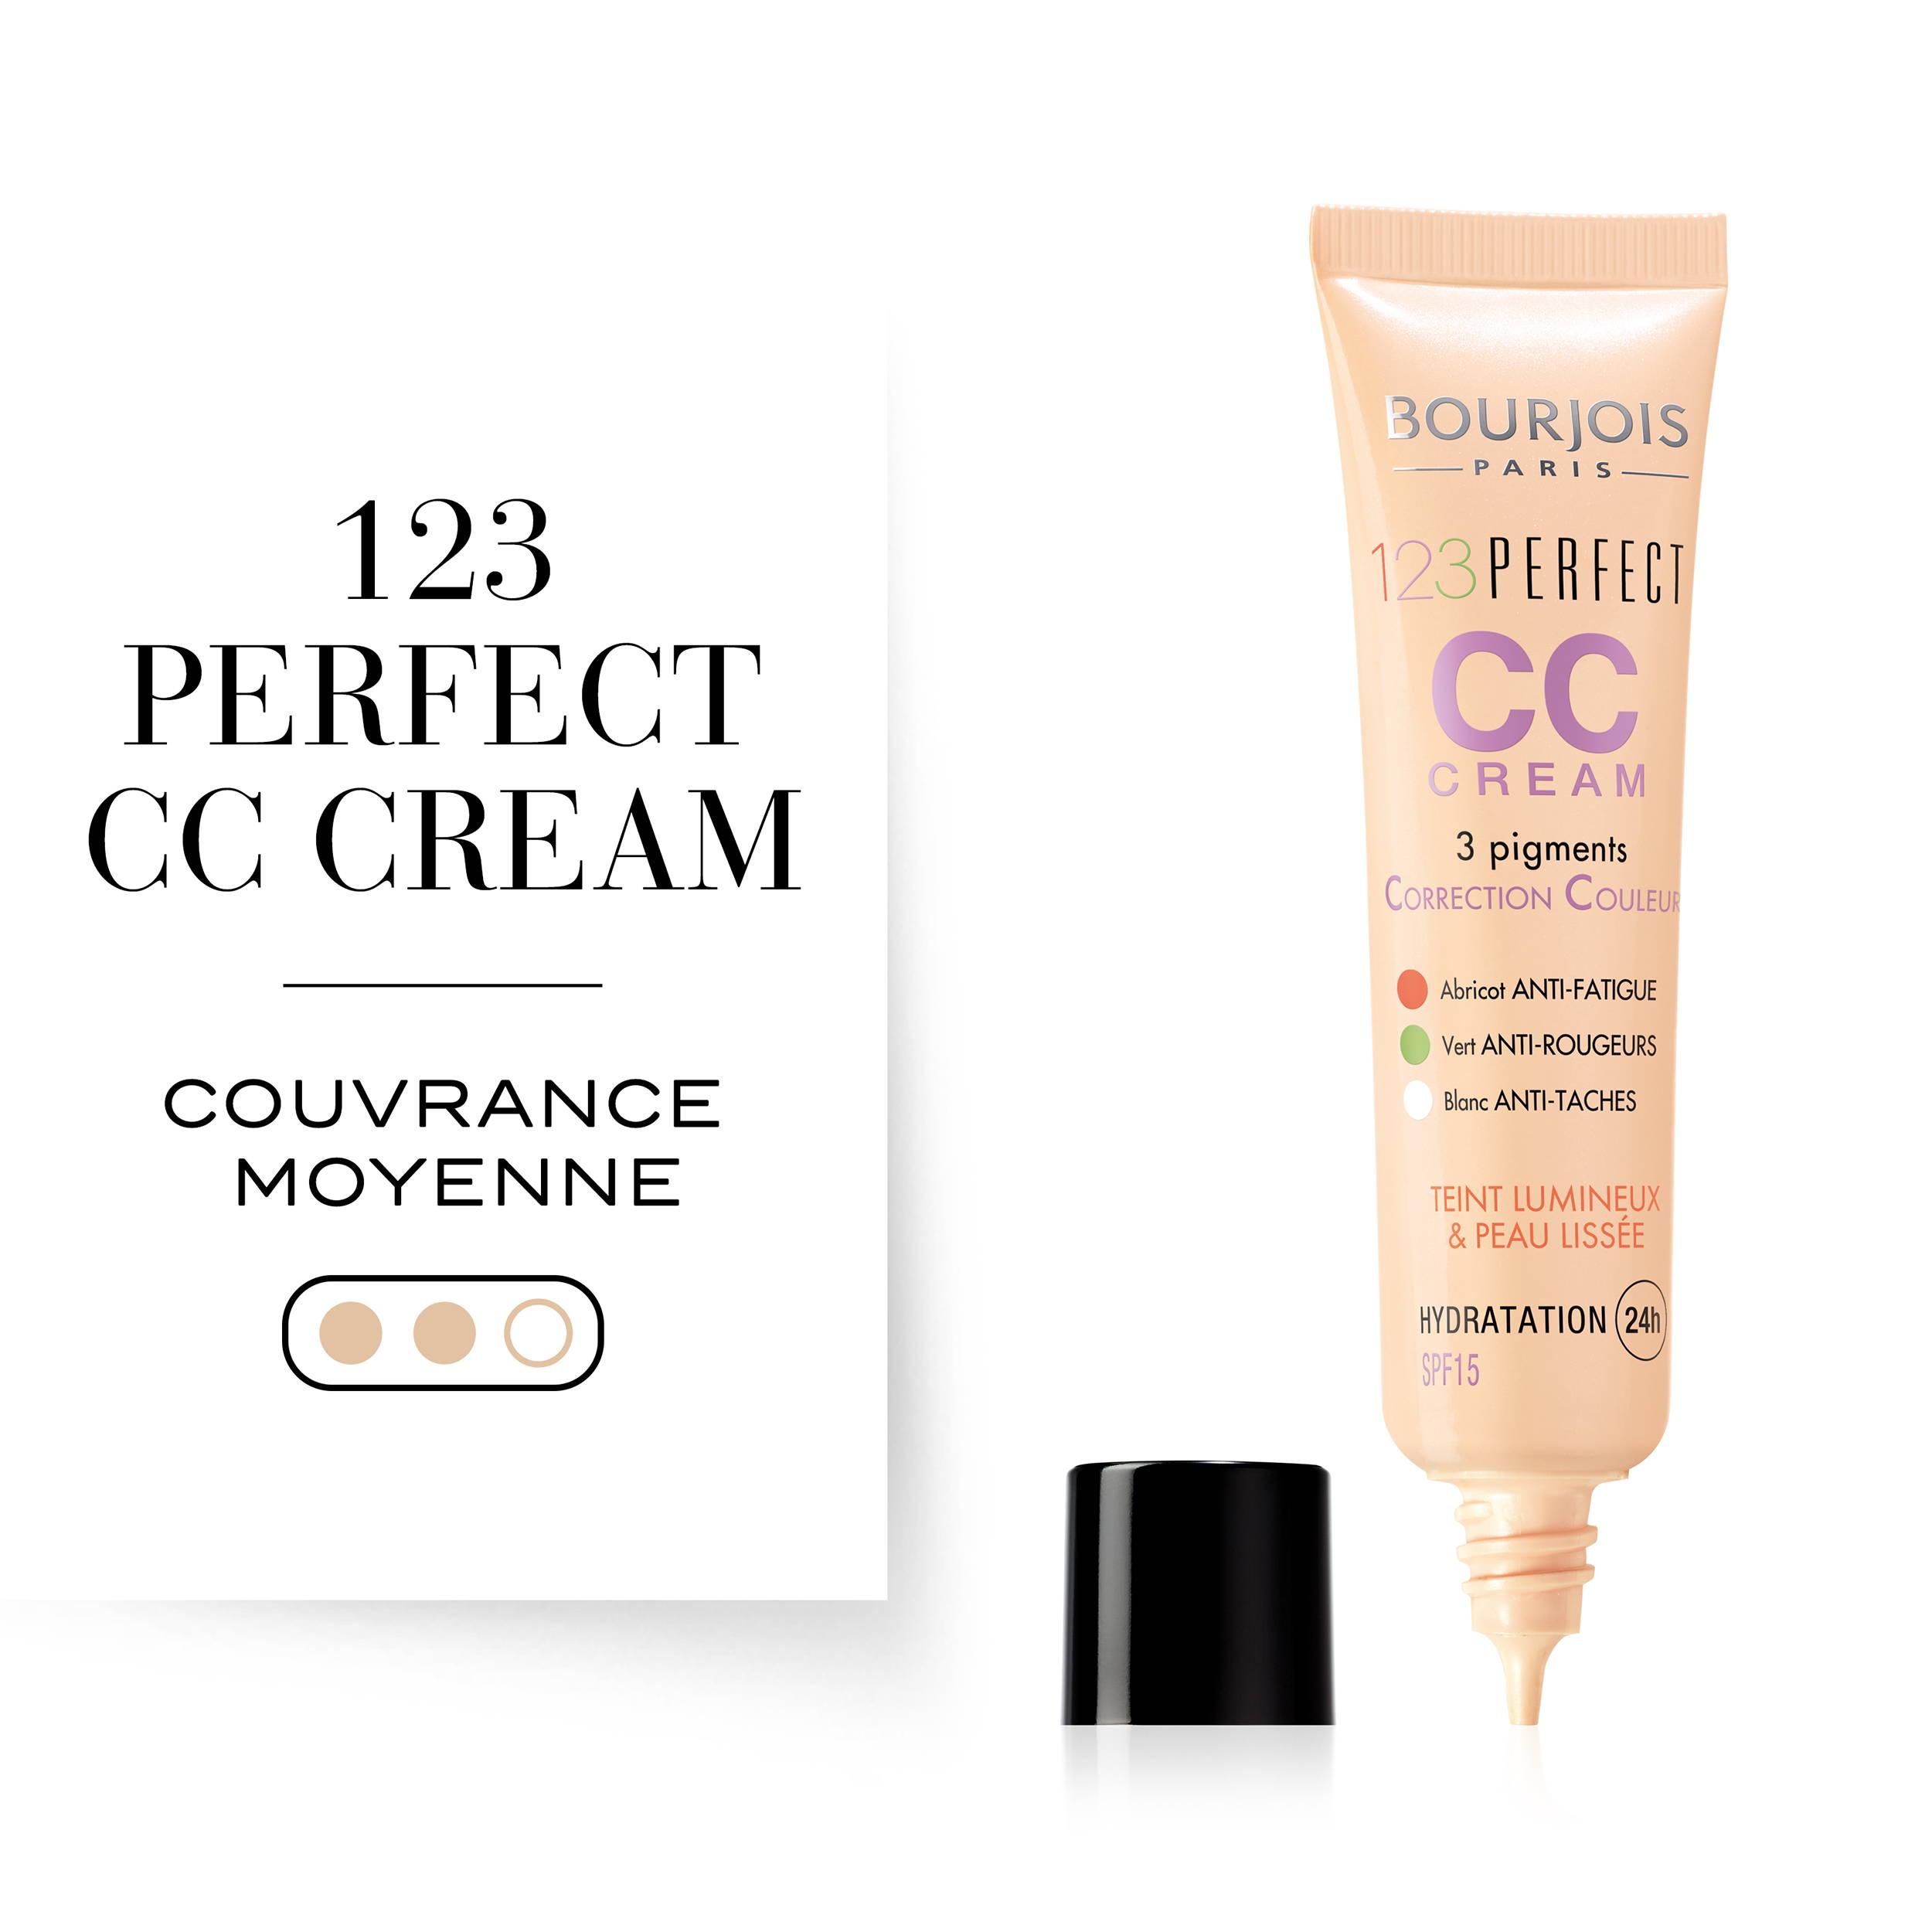 Fond de teint hydratant CC Crème Bourjois